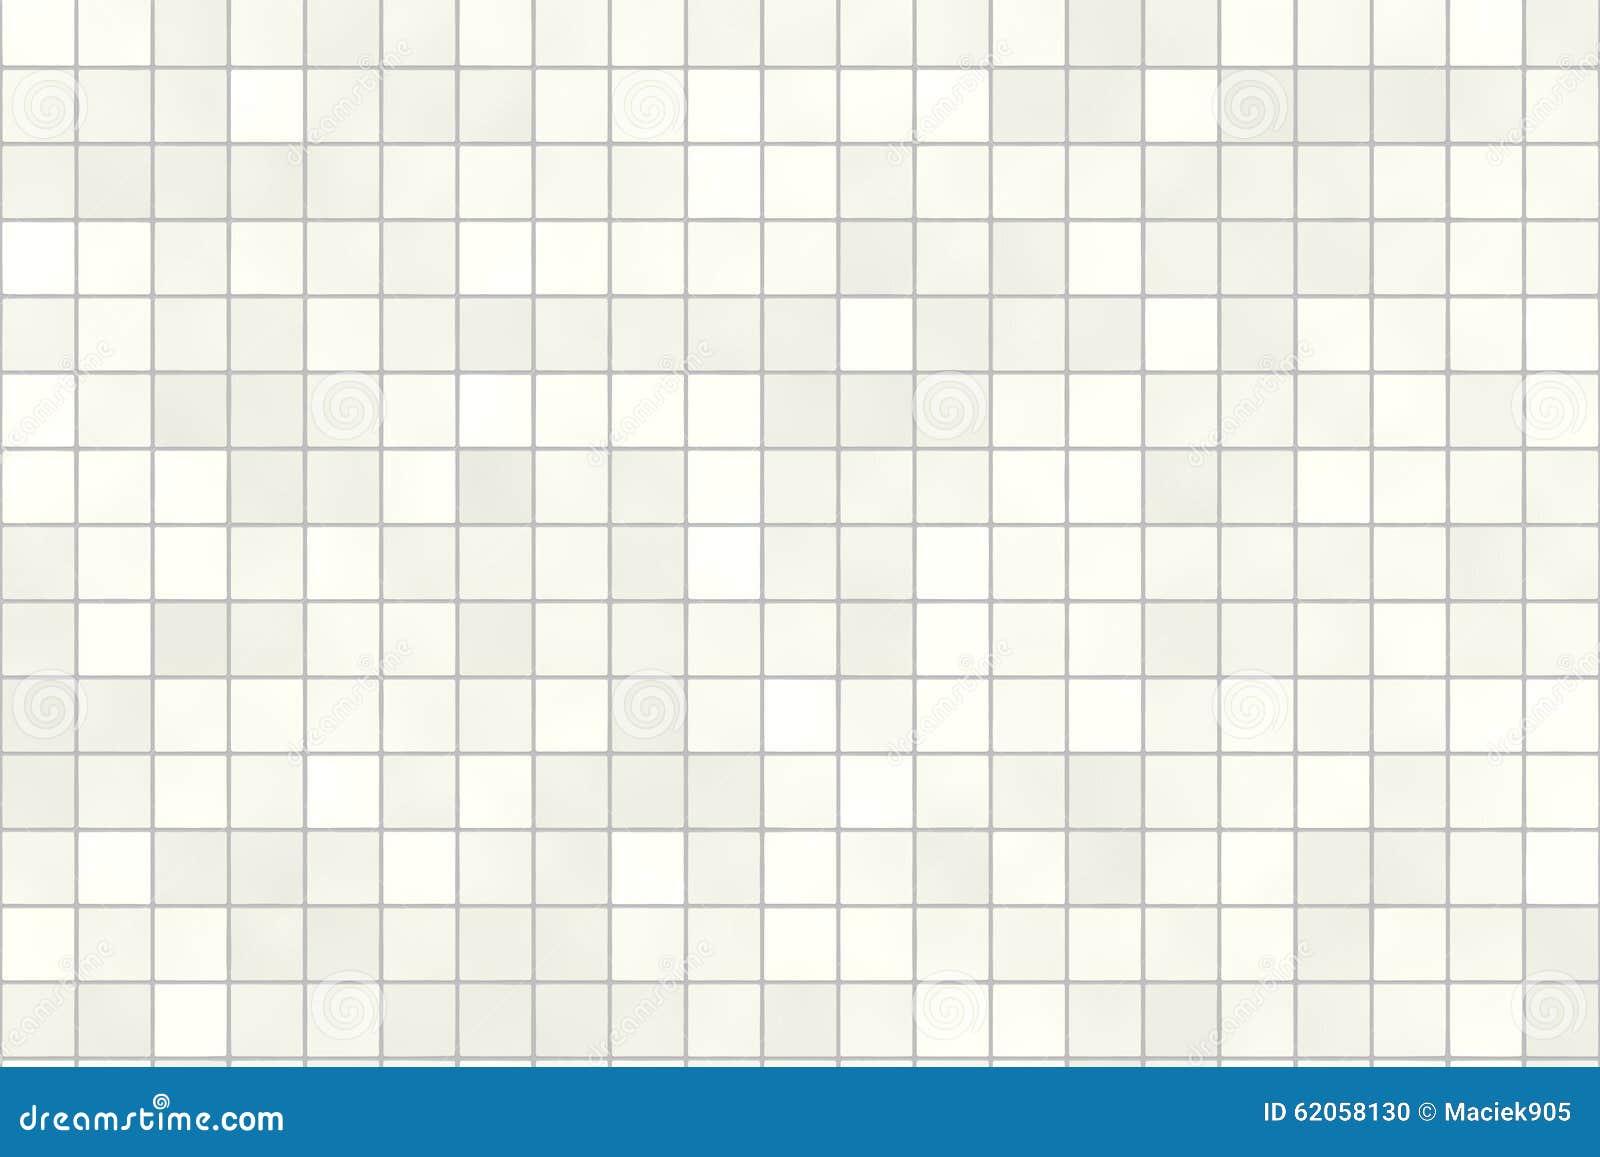 Bathroom tiles seamless stock illustration. Illustration of bathroom ...